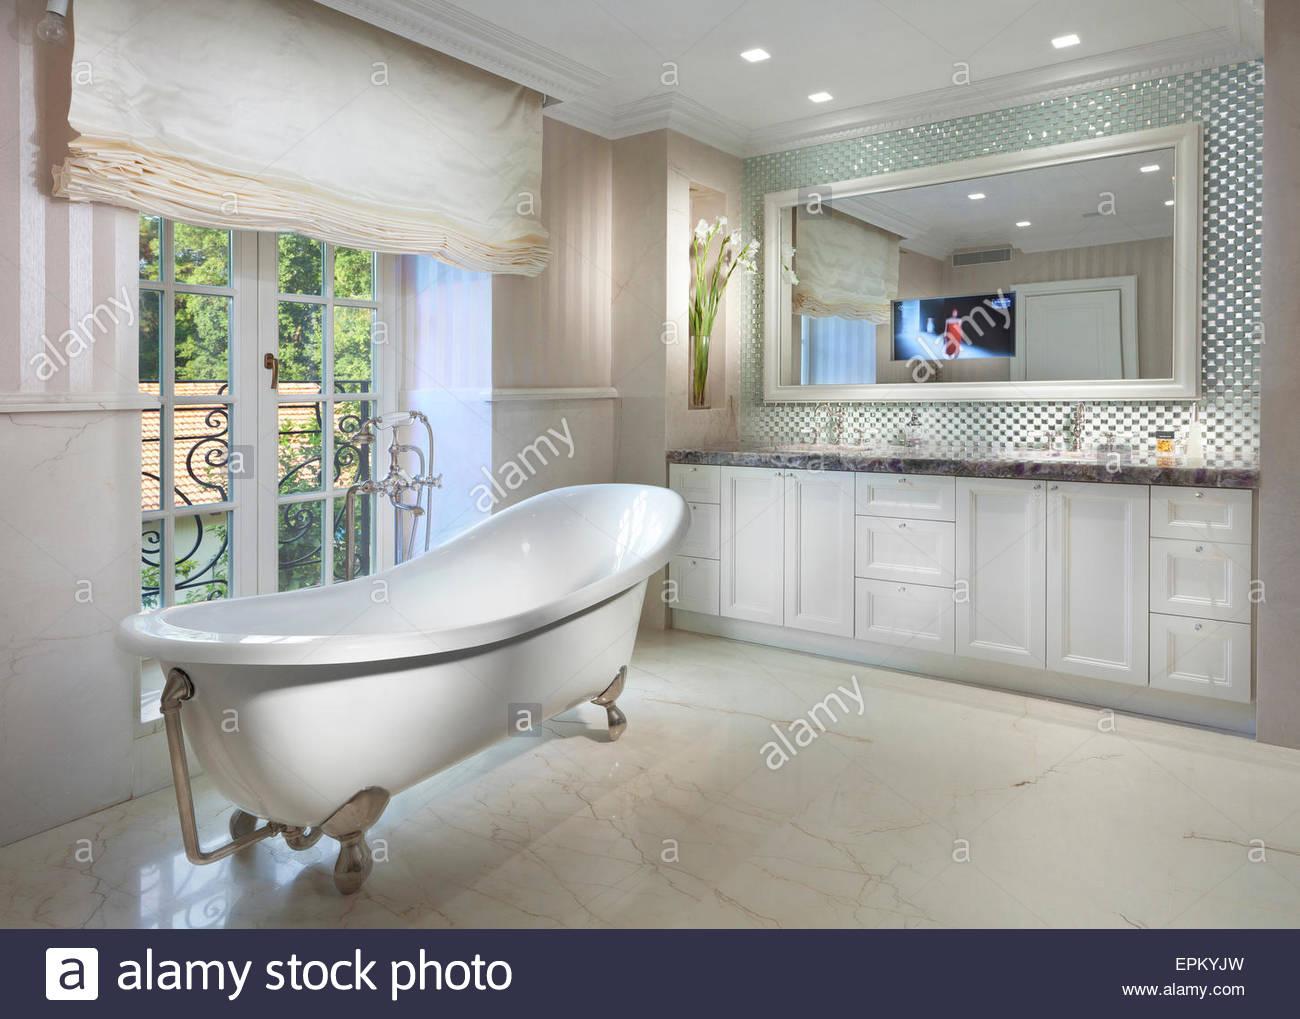 Charming Bad Mit Freistehender Badewanne Reference Of Badezimmer In Villa In Savion, Israel.